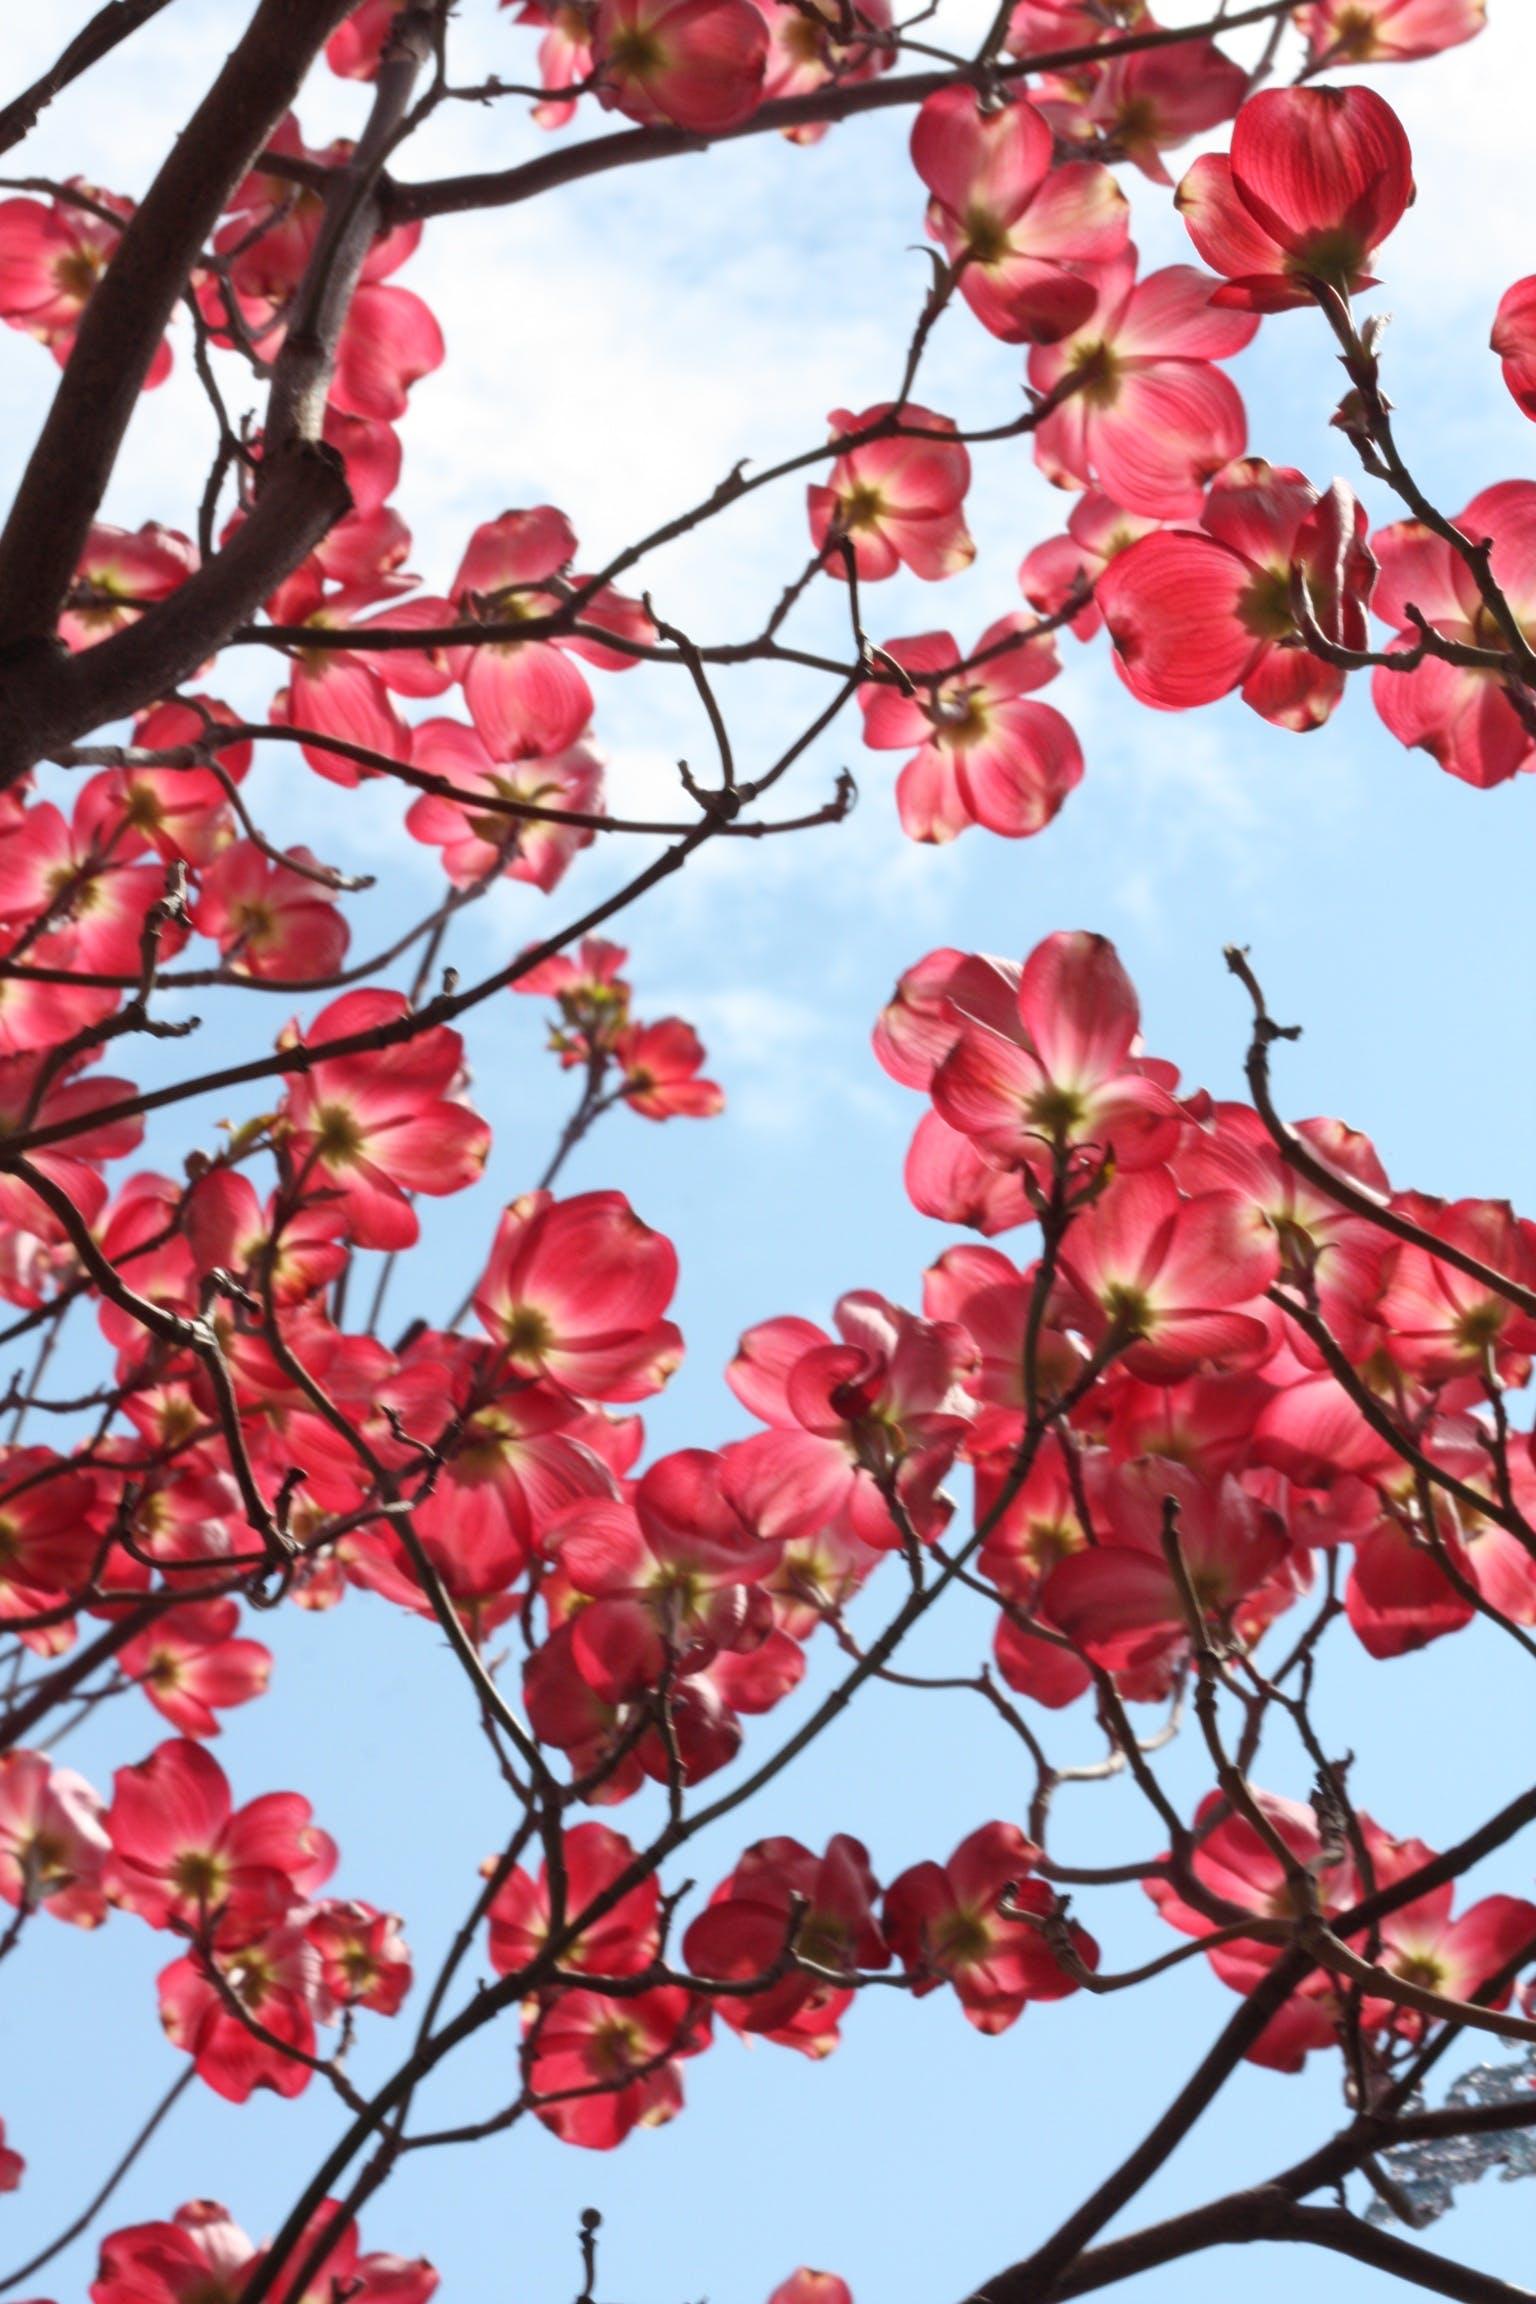 Sakura Tree at Daytime